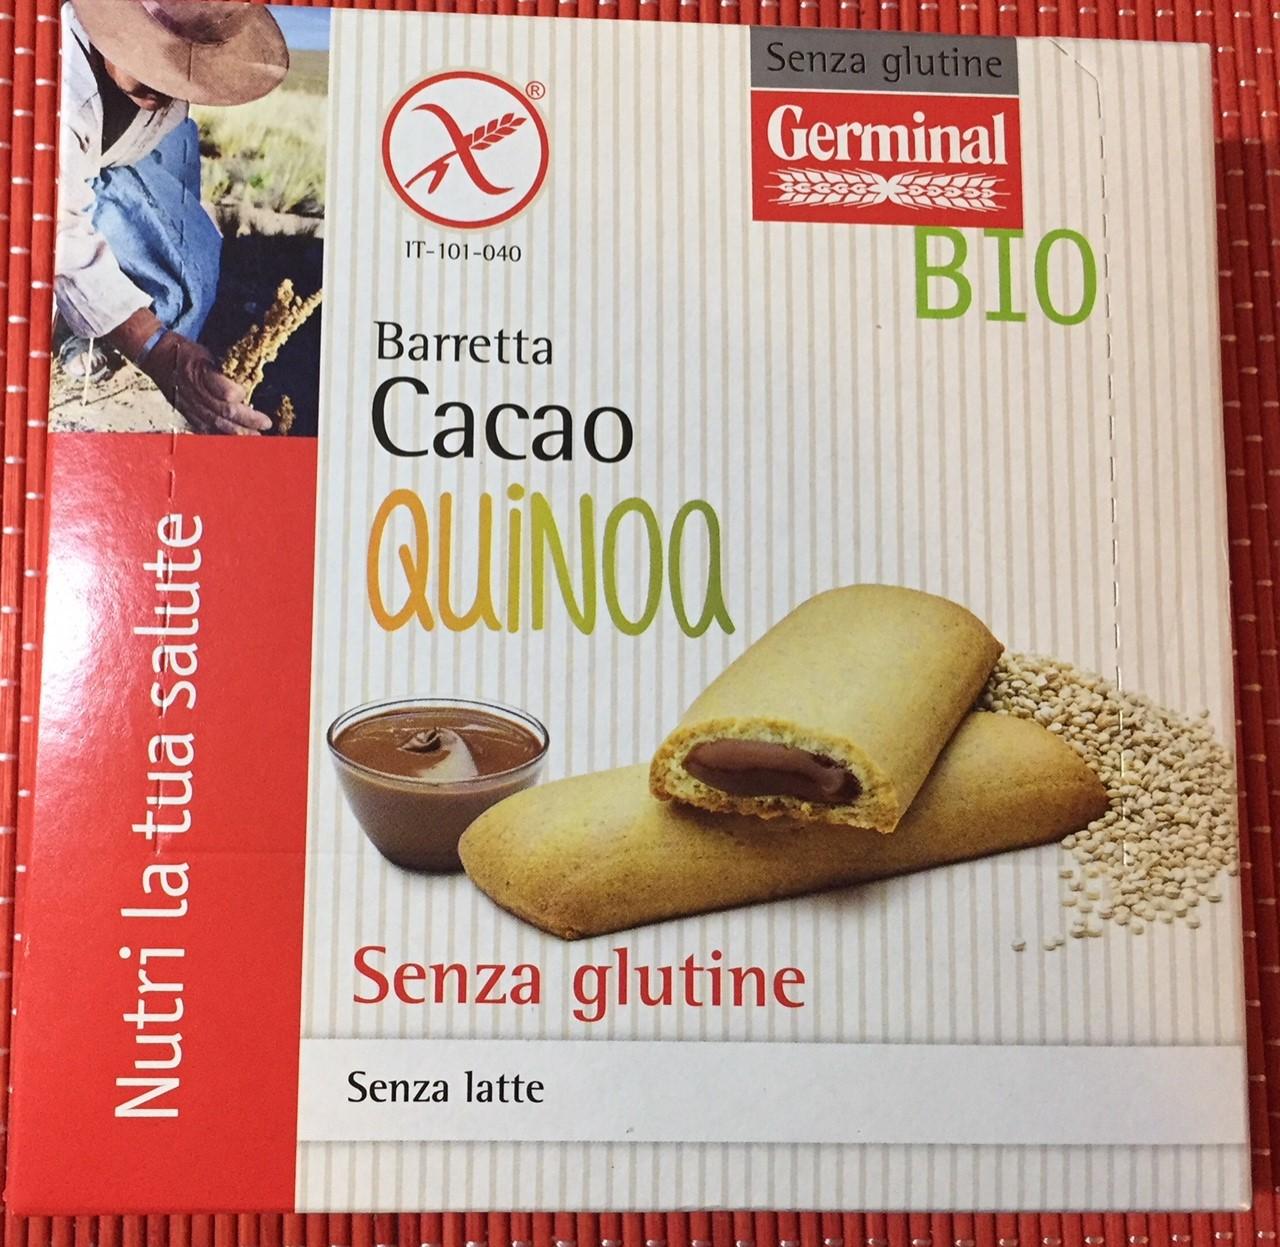 Barretta cacao quinoa Germinal - lattosio 0% Image